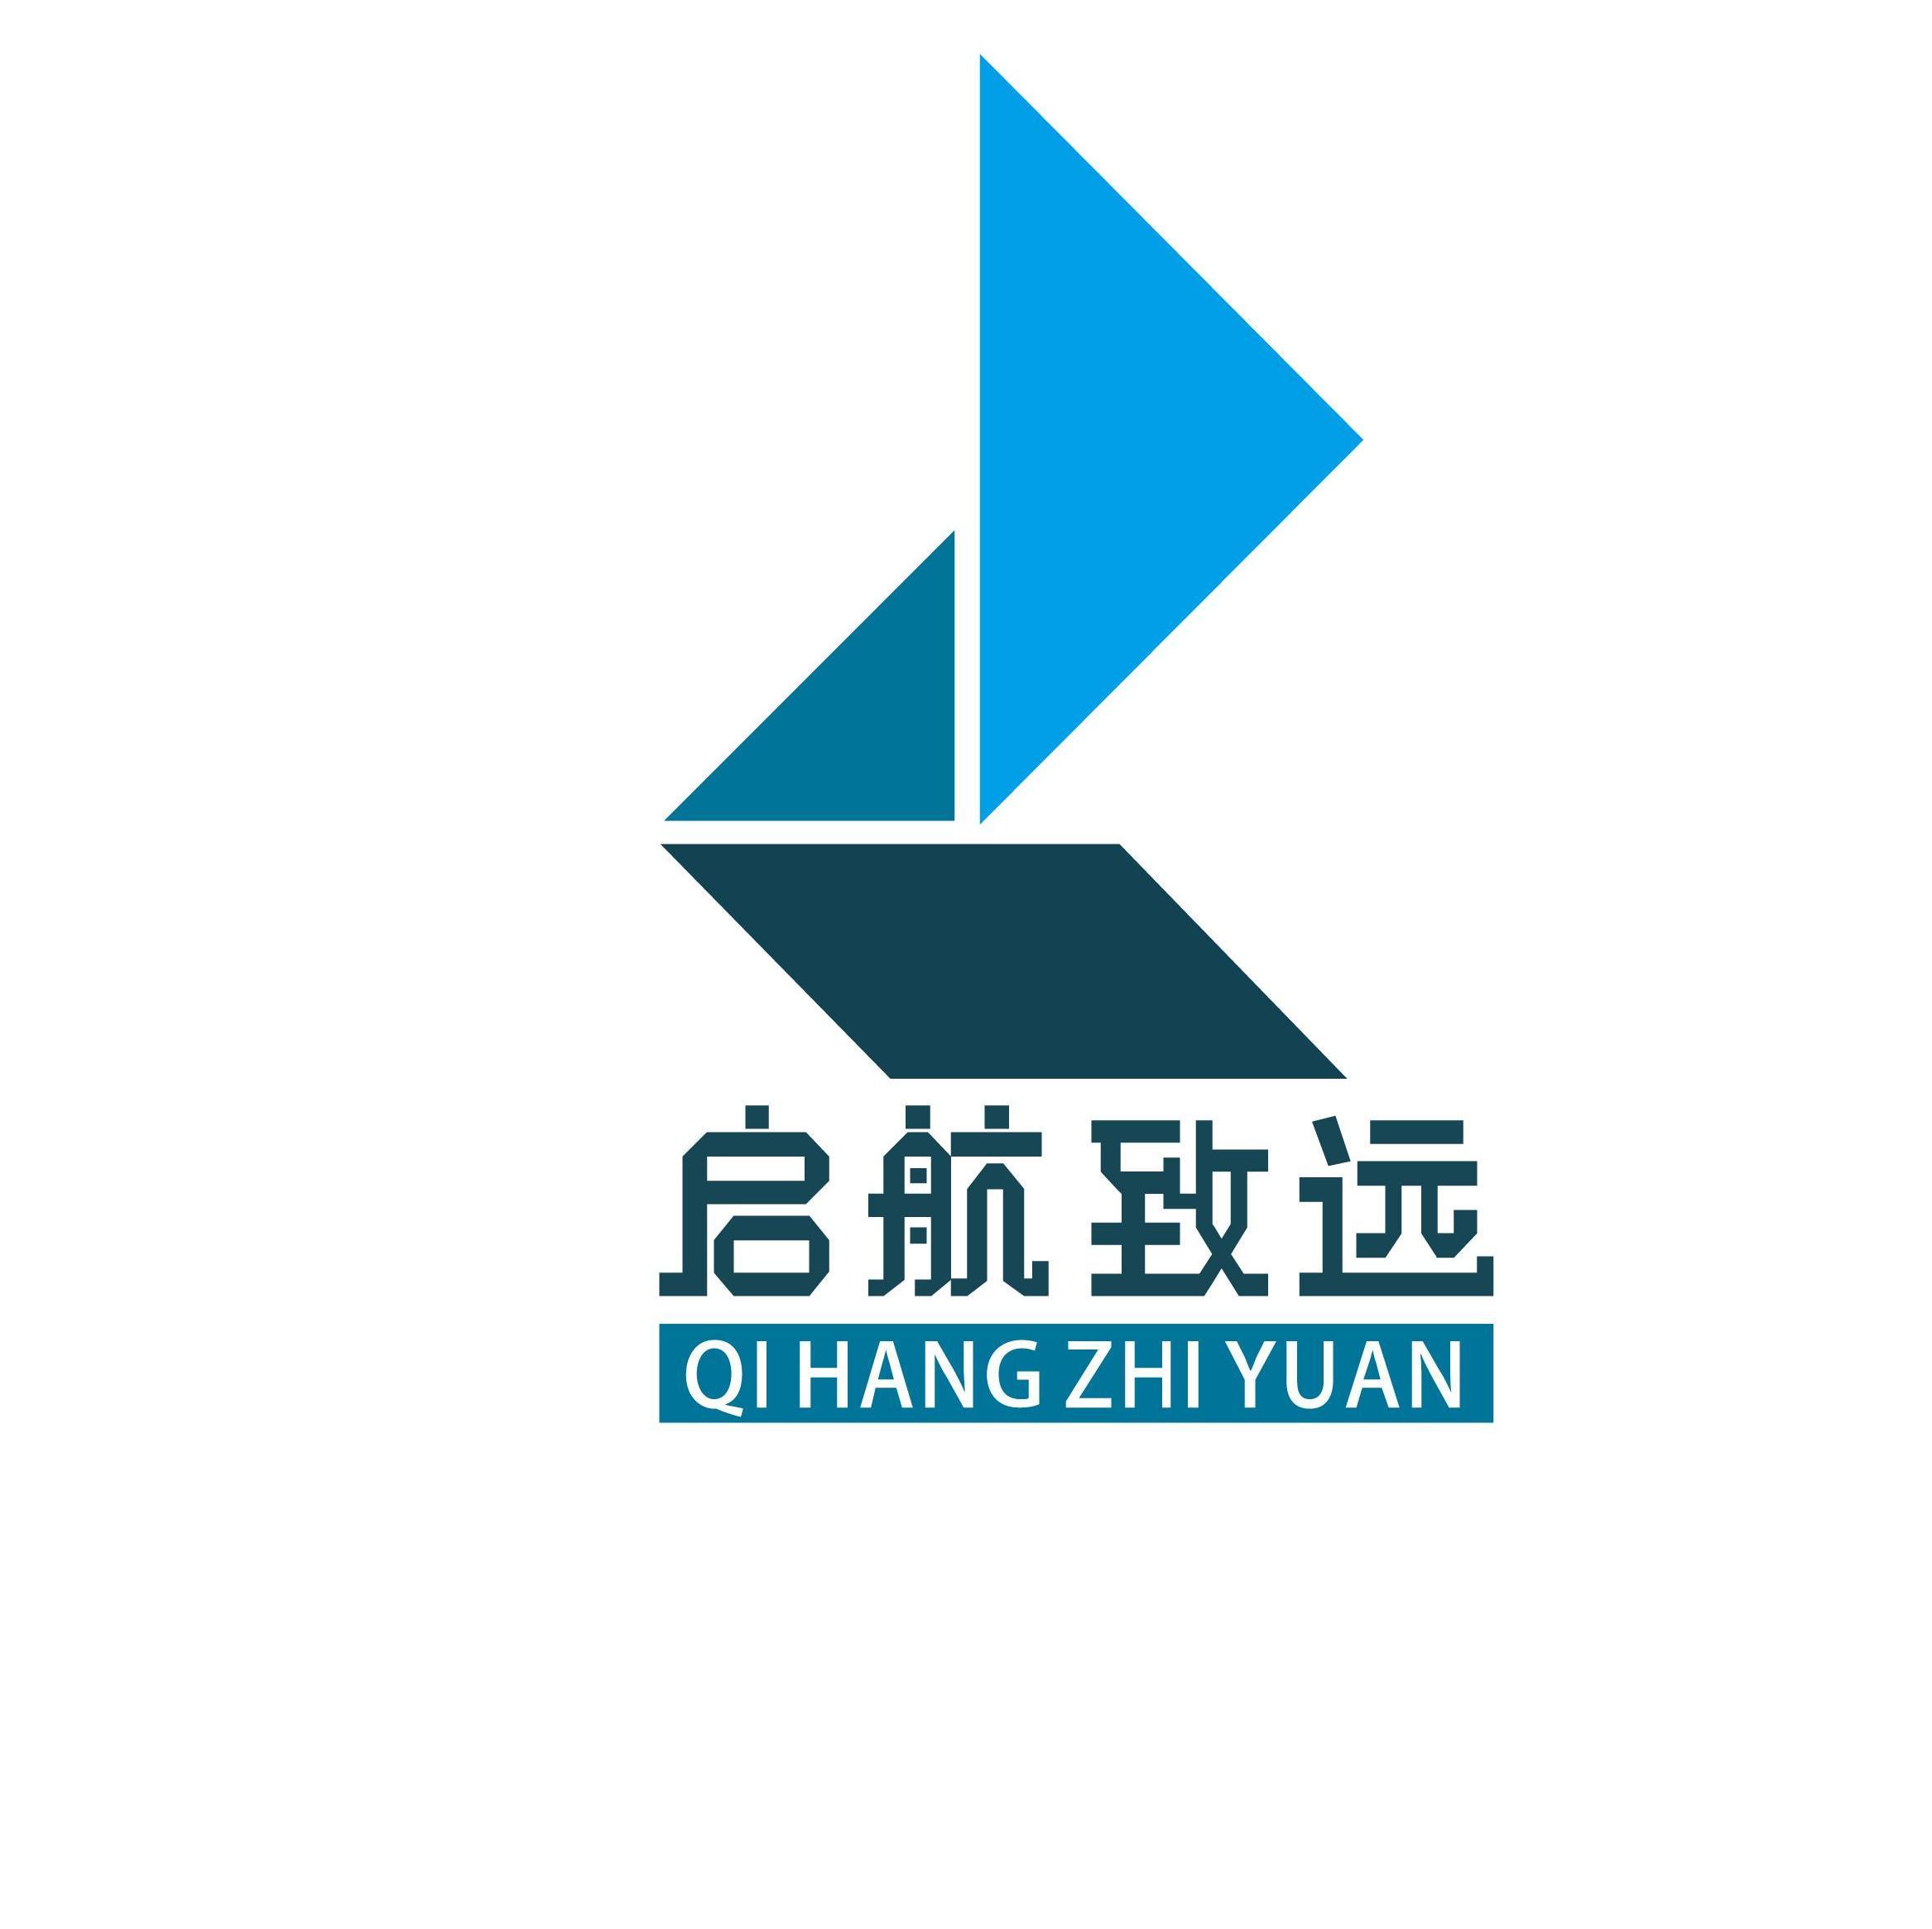 logo logo 标志 设计 矢量 矢量图 素材 图标 2334_2330